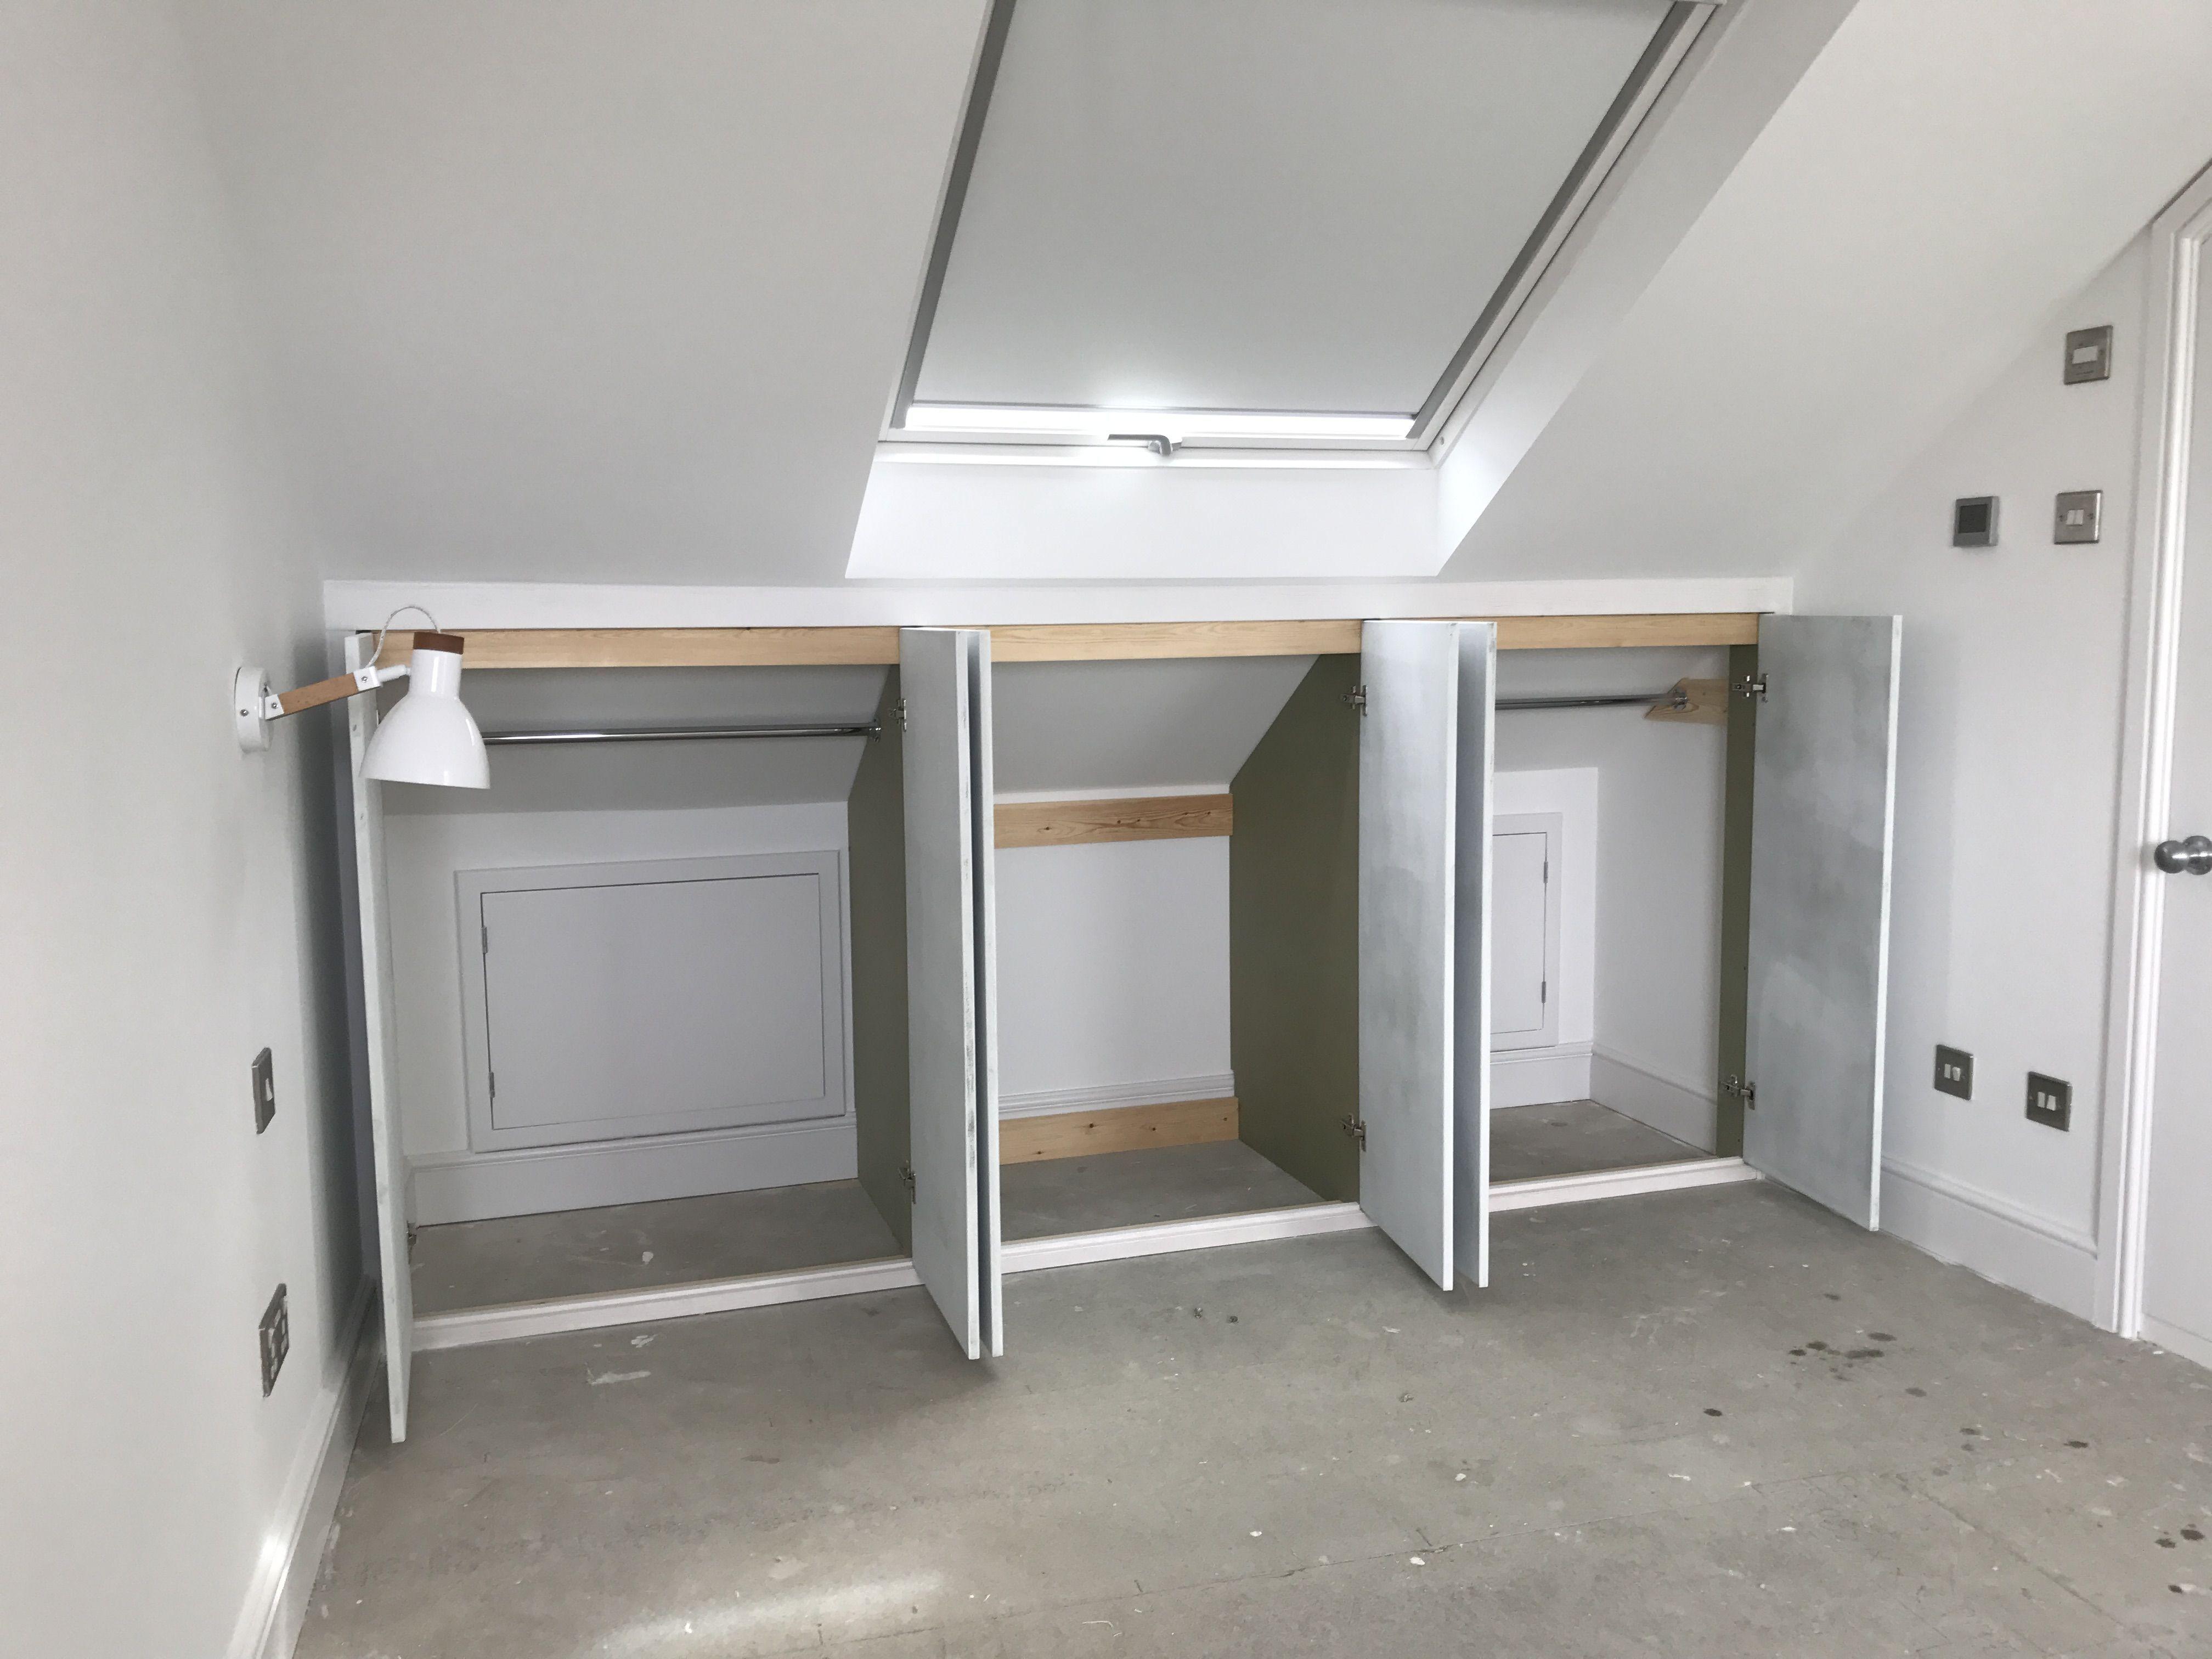 13 Exalted Modern Attic Tubs Ideas Attic Wardrobe Attic Renovation Attic Bedroom Small